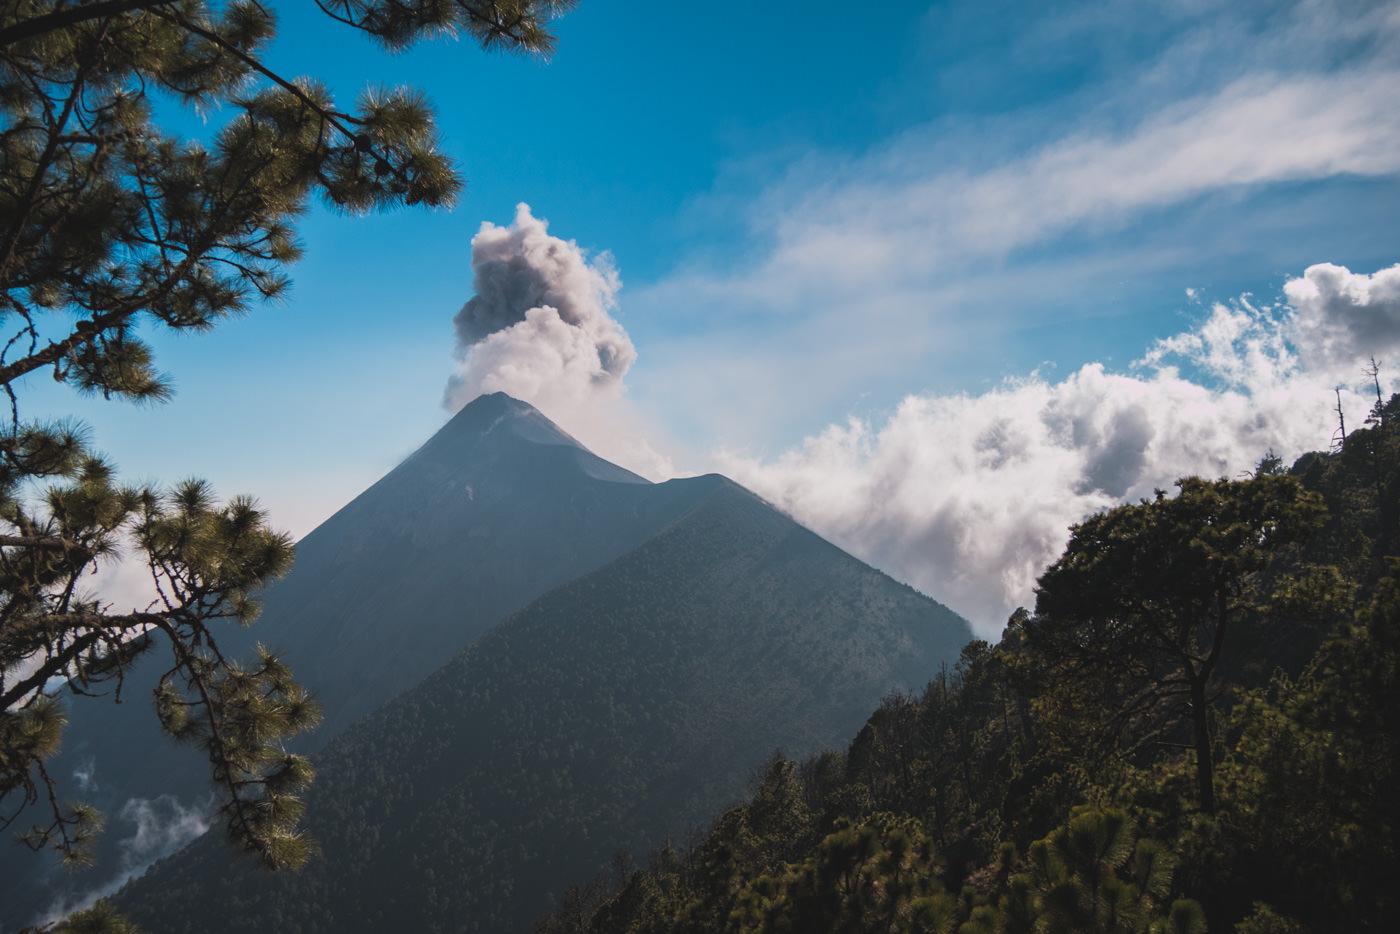 Unser Blick auf den Vulkan Fuego während des Aufstiegs